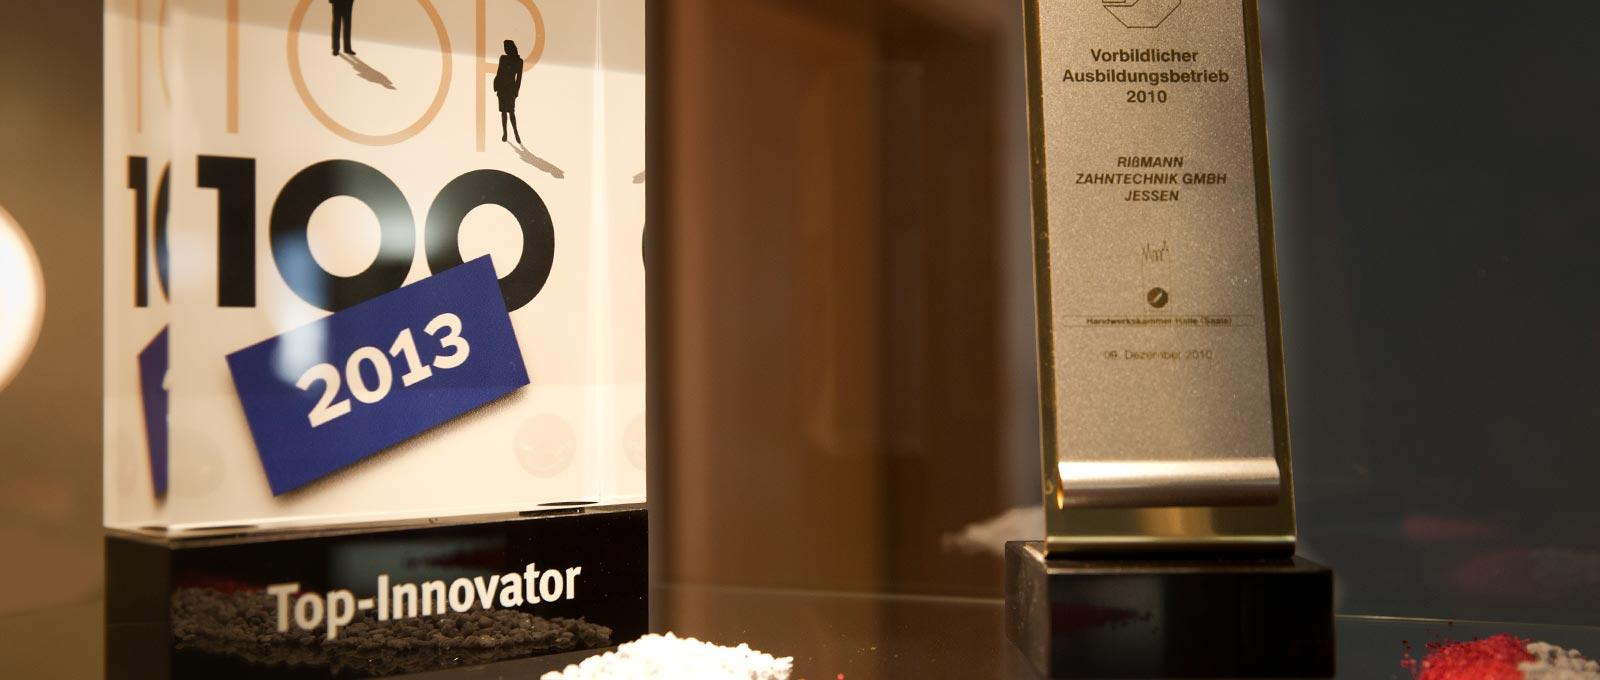 Zahntechnik Rißmann schreibt Werte groß und gehört zu den Top-Innovatoren.